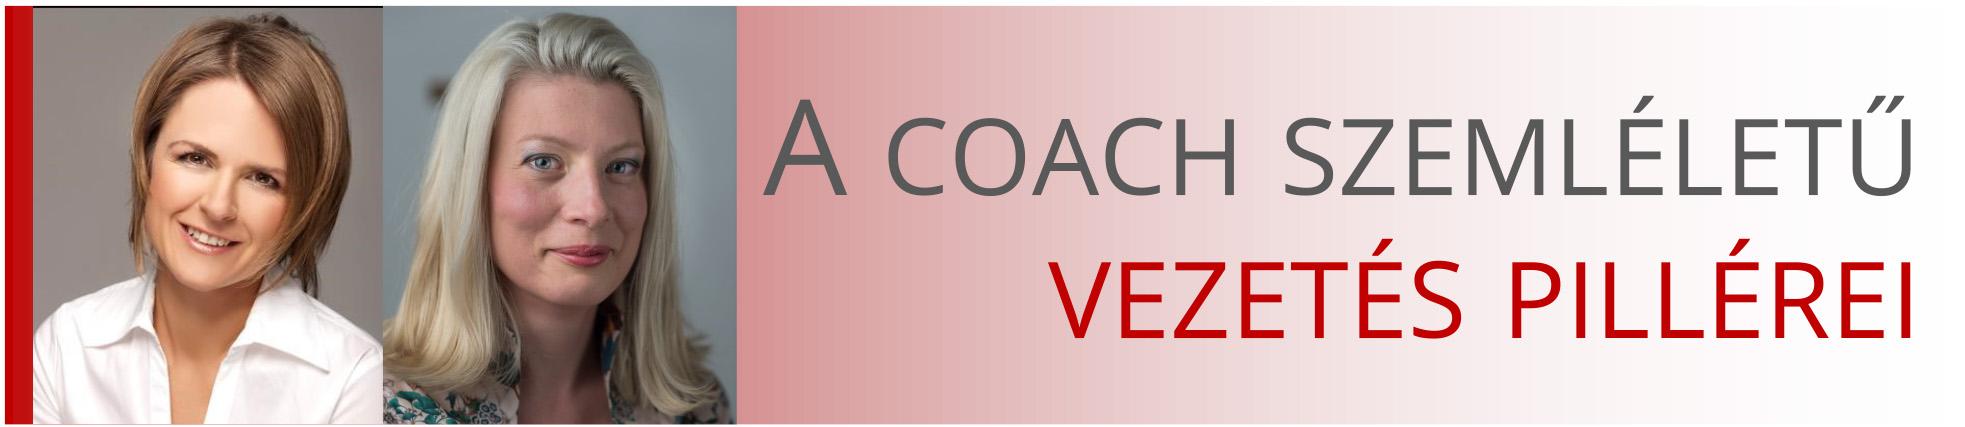 coach szemle cikk